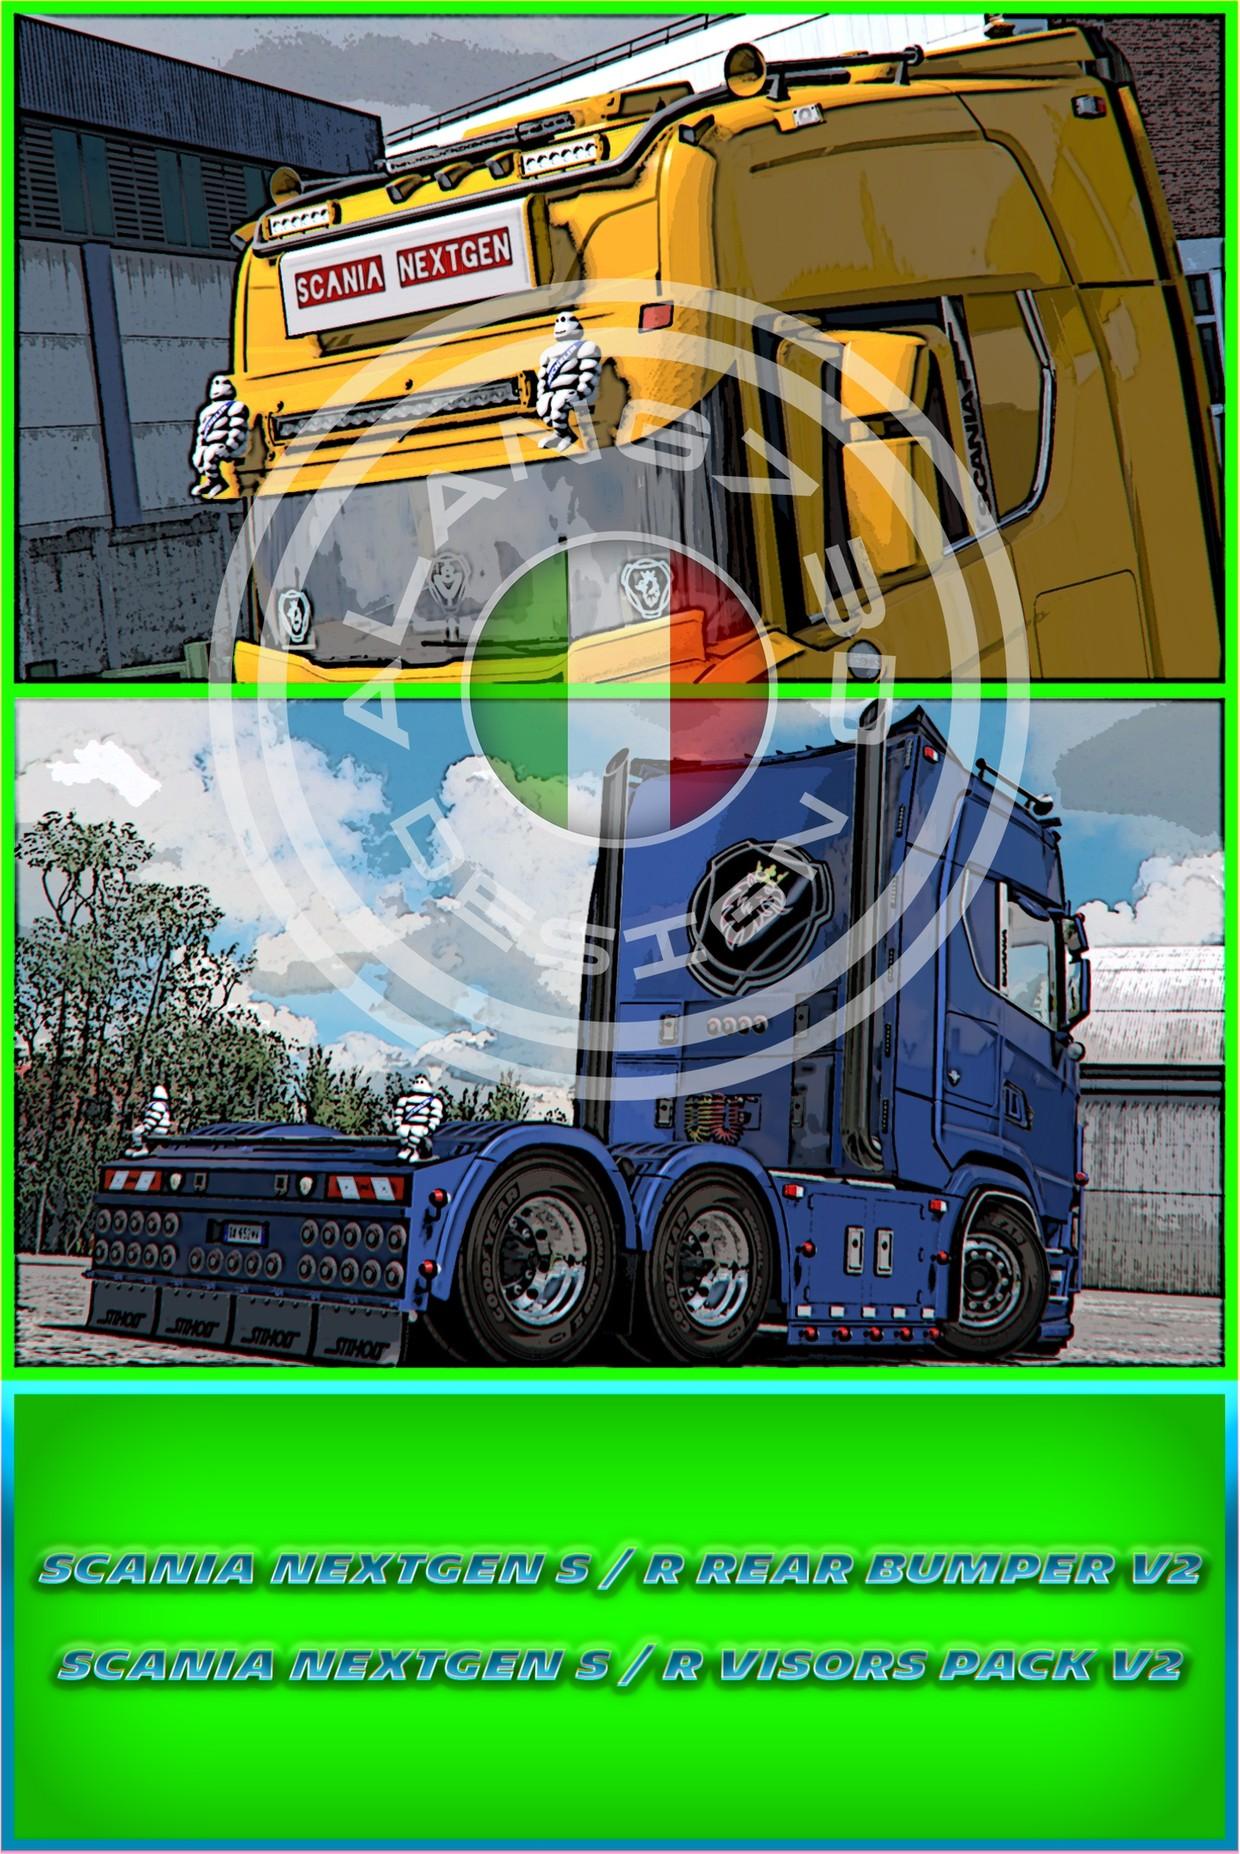 [ETS2 - ADDONS / BUNDLE] Scania S - R NextGen Rear Bumper V2 & Visors Pack V2